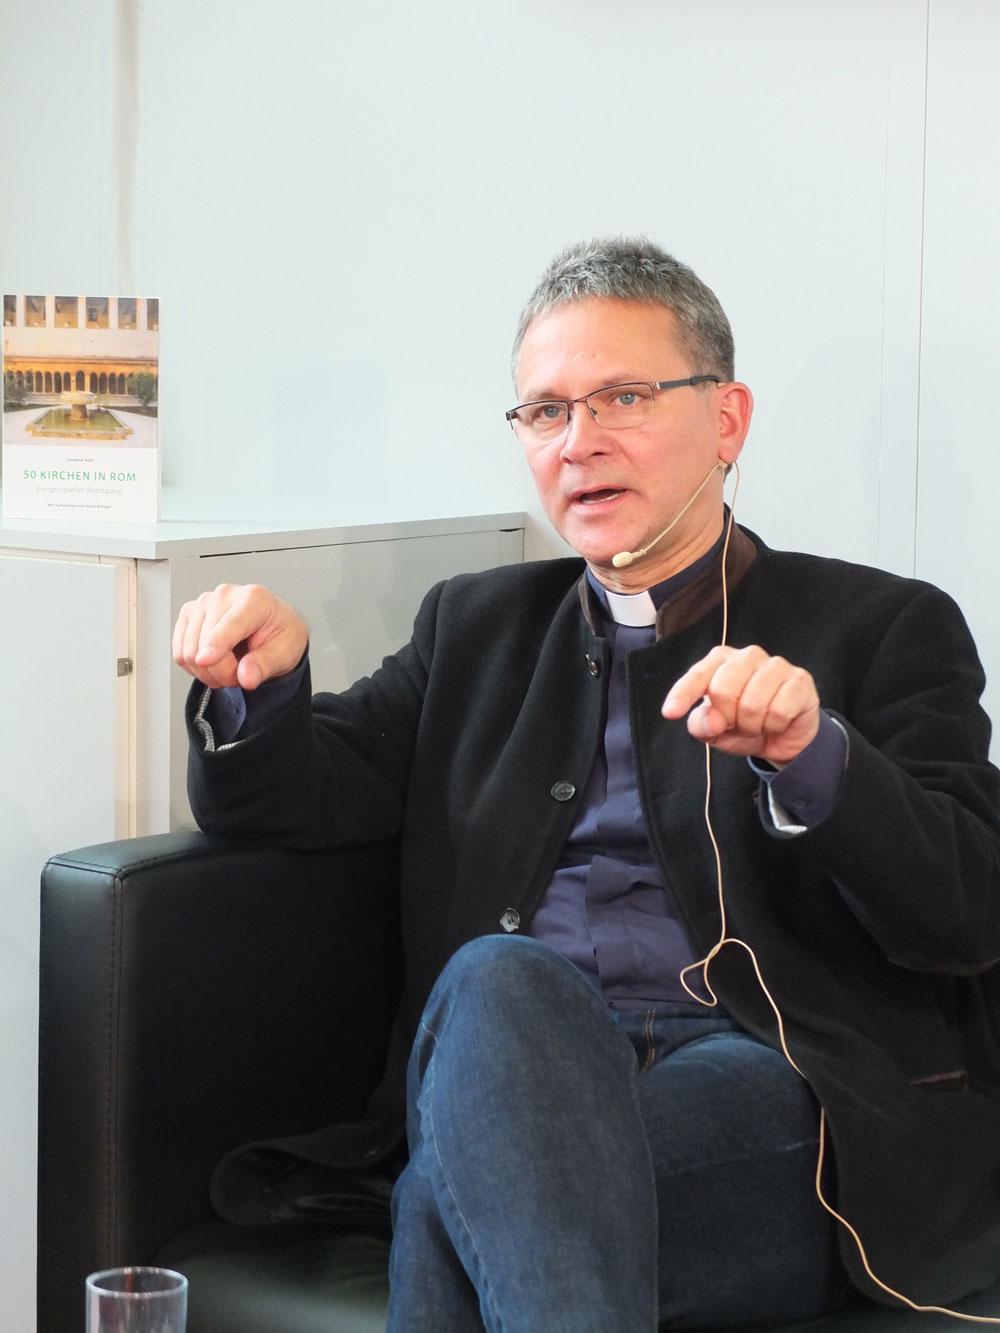 """Prof. Dr. Cornelius Roth bei der Vorstellung seines Buches """"50 Kirchen in Rom"""", erschienen im Kunstverlag Josef Fink (Foto: Konrad Höß, Katholischer Medienverband)"""